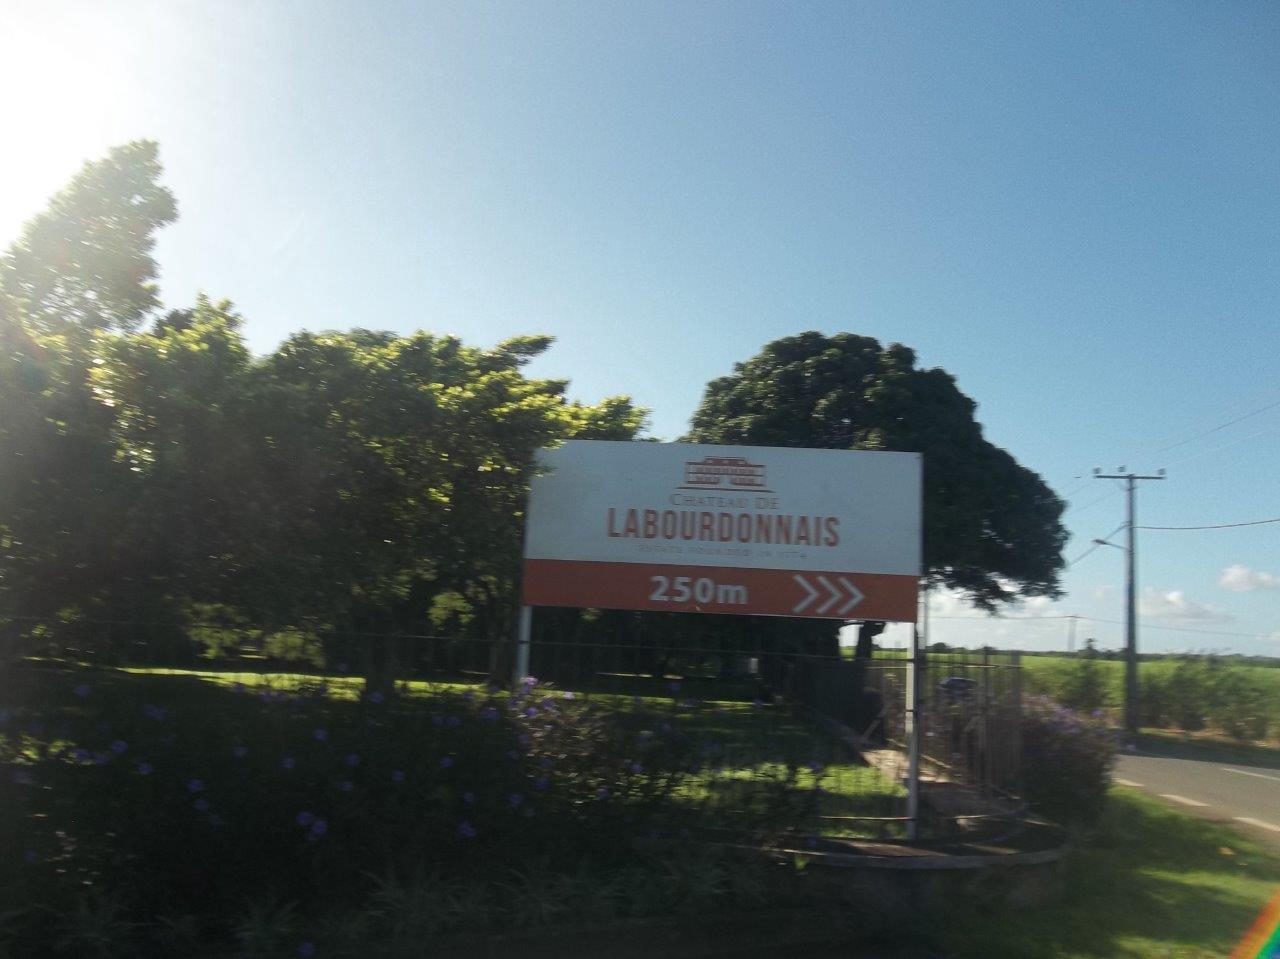 18-04 labourdonnais (3)